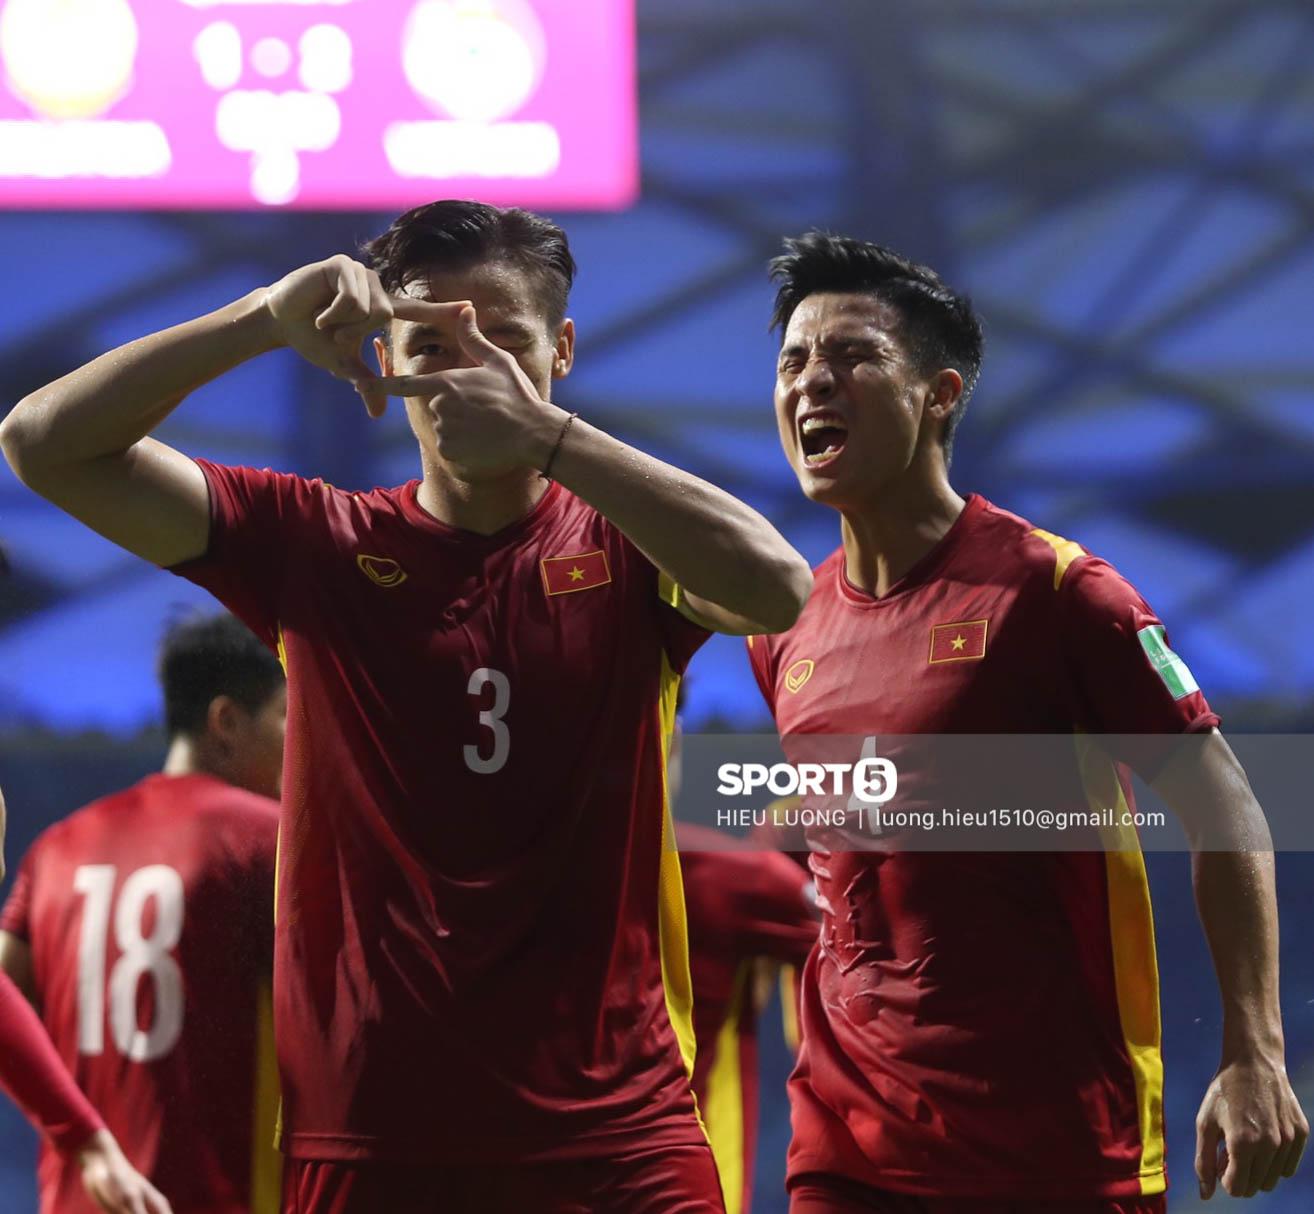 Chùm ảnh tuyển Việt Nam hân hoan với niềm vui chiến thắng Malaysia - ảnh 10